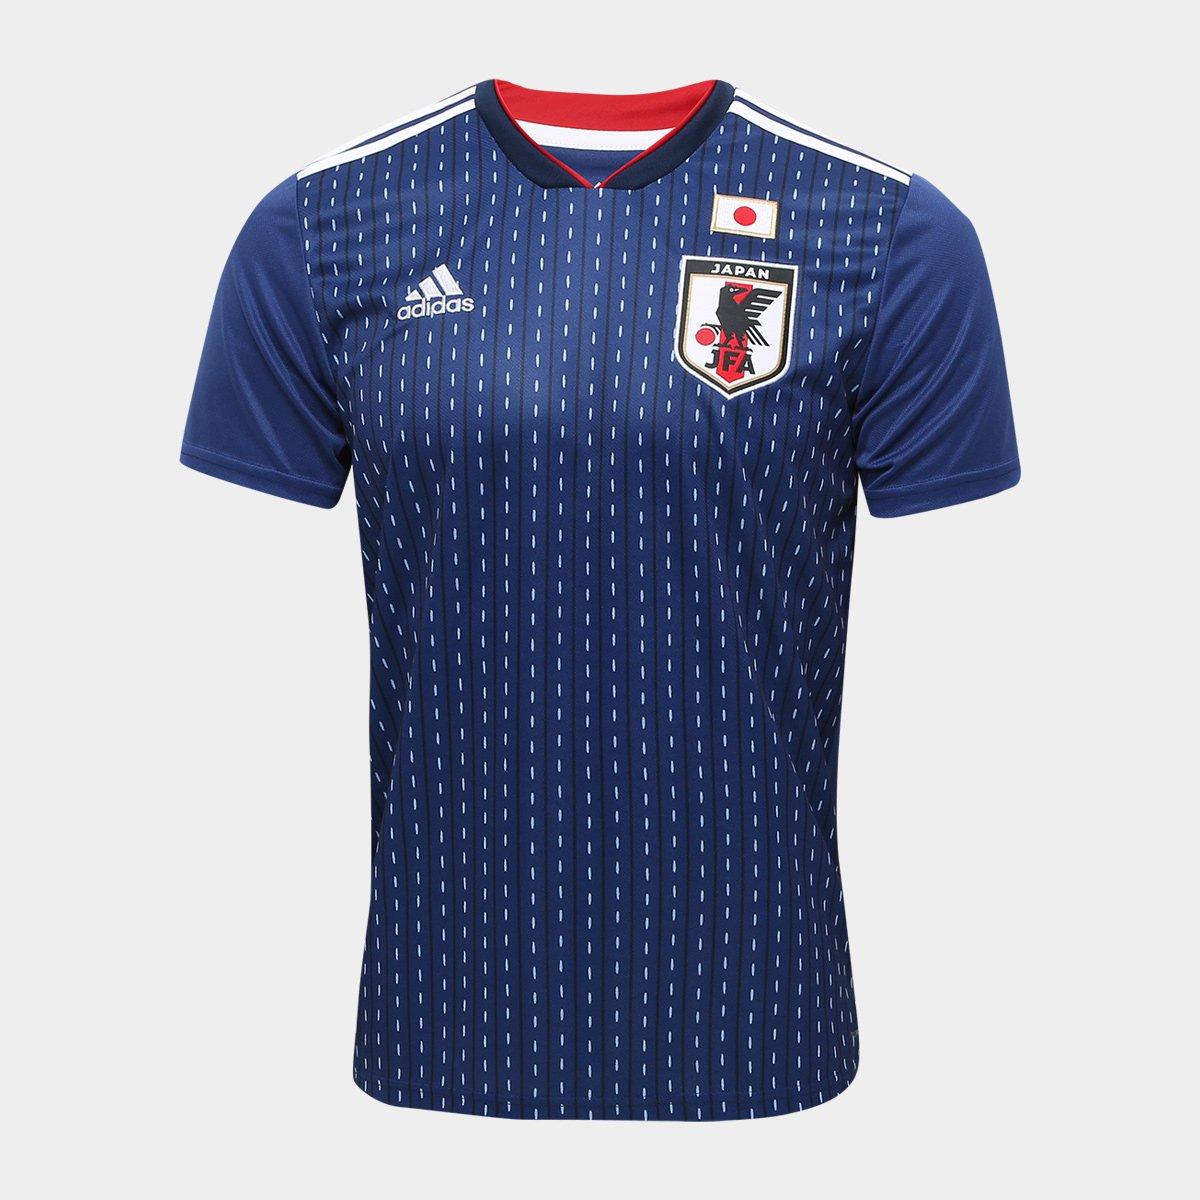 ... Camisa Seleção Japão Home 2018 n° 10 Kagawa - Torcedor Adidas Masculina  ... 0e4c4fce0c24c